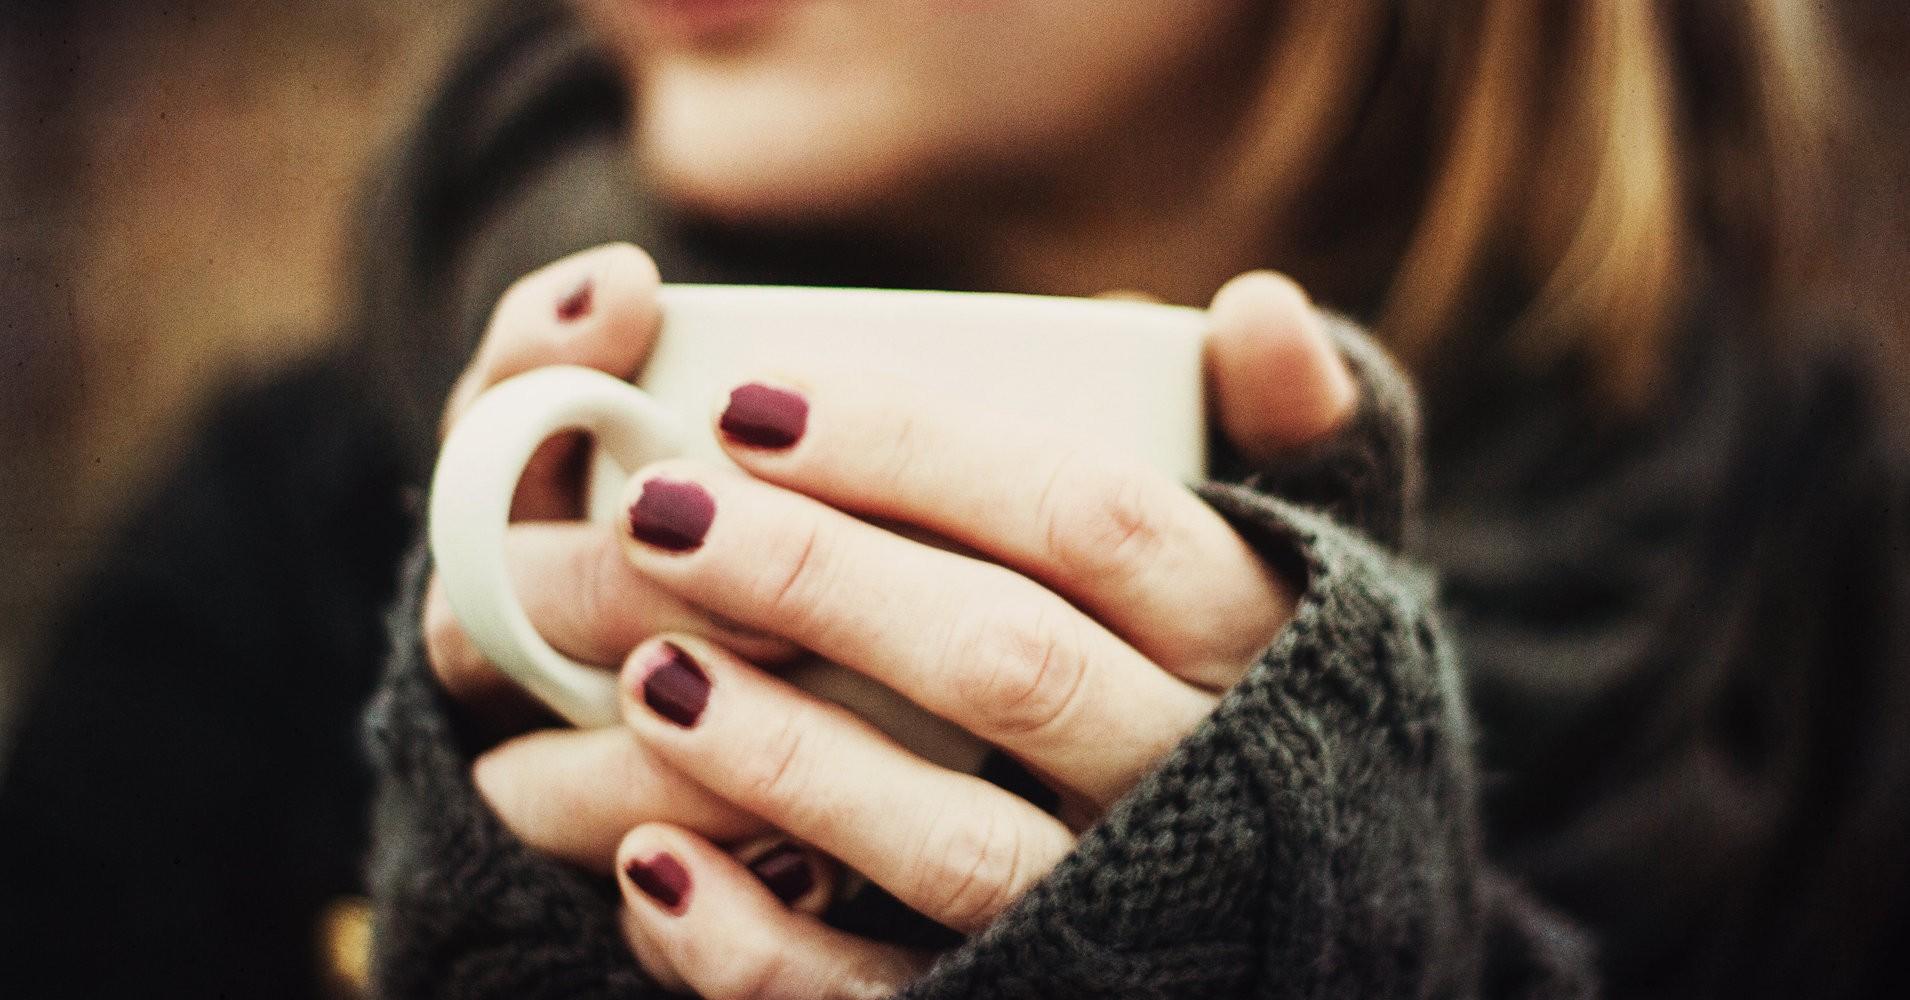 Đây mới là lý do thực sự vì sao tay con gái hay bị lạnh: không phải chung thủy cũng không do thiếu máu - Ảnh 4.